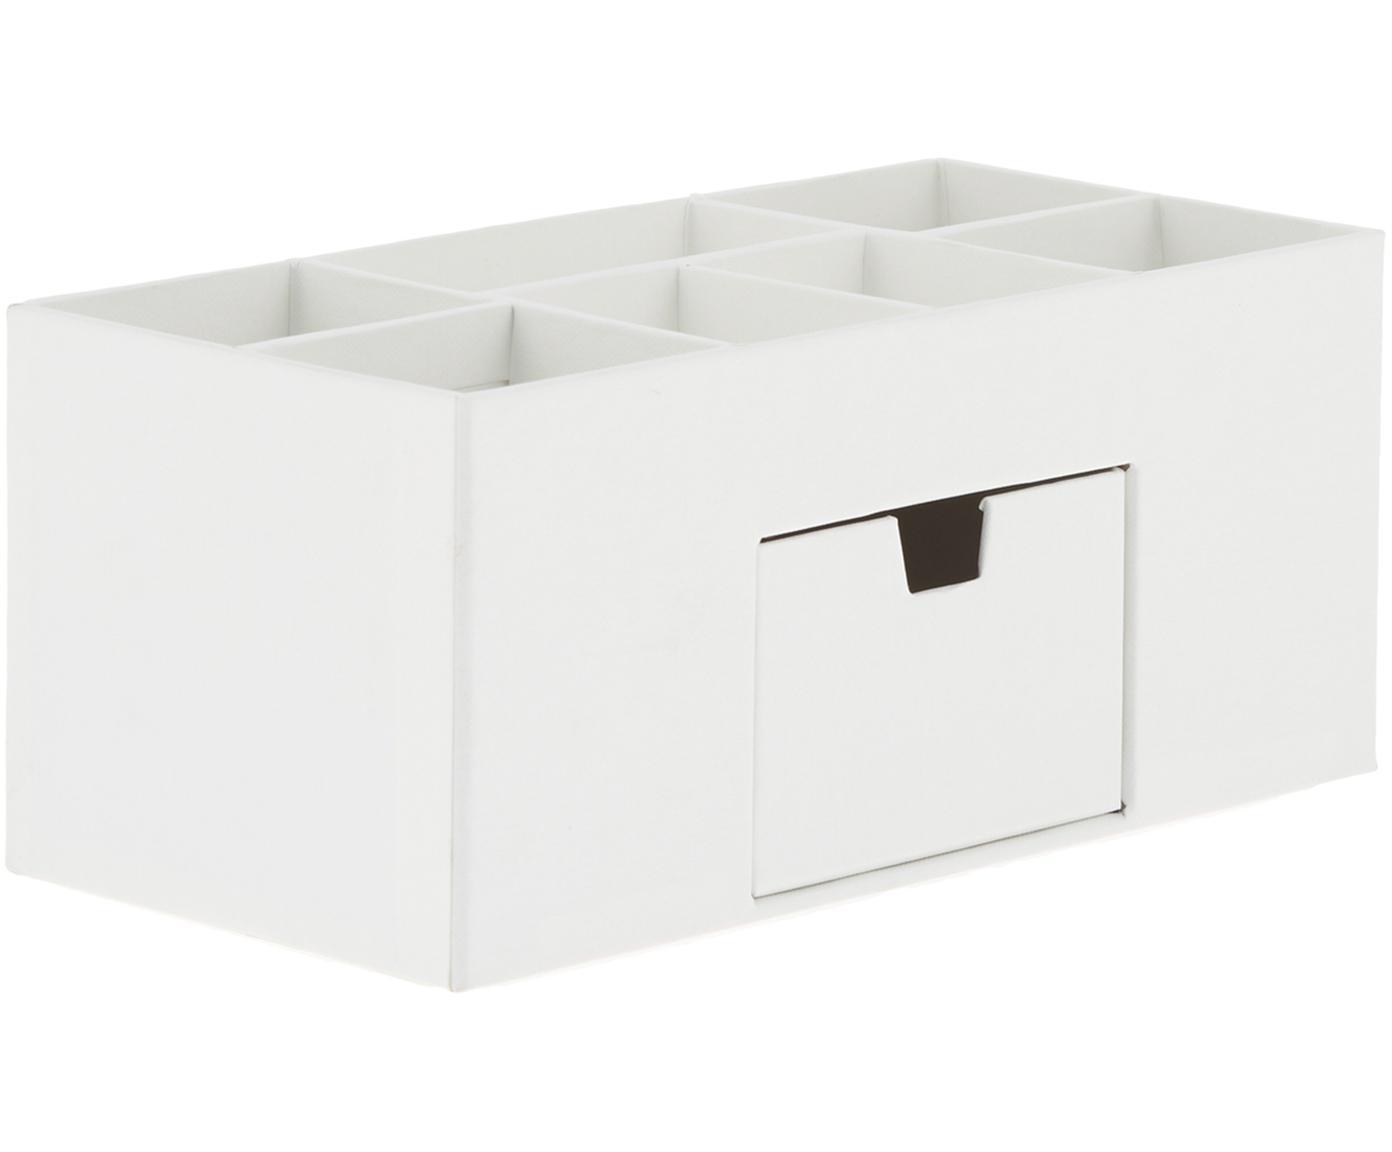 Organizador de escritorio Vendela, Cartón laminado macizo, Blanco, An 24 x Al 11 cm